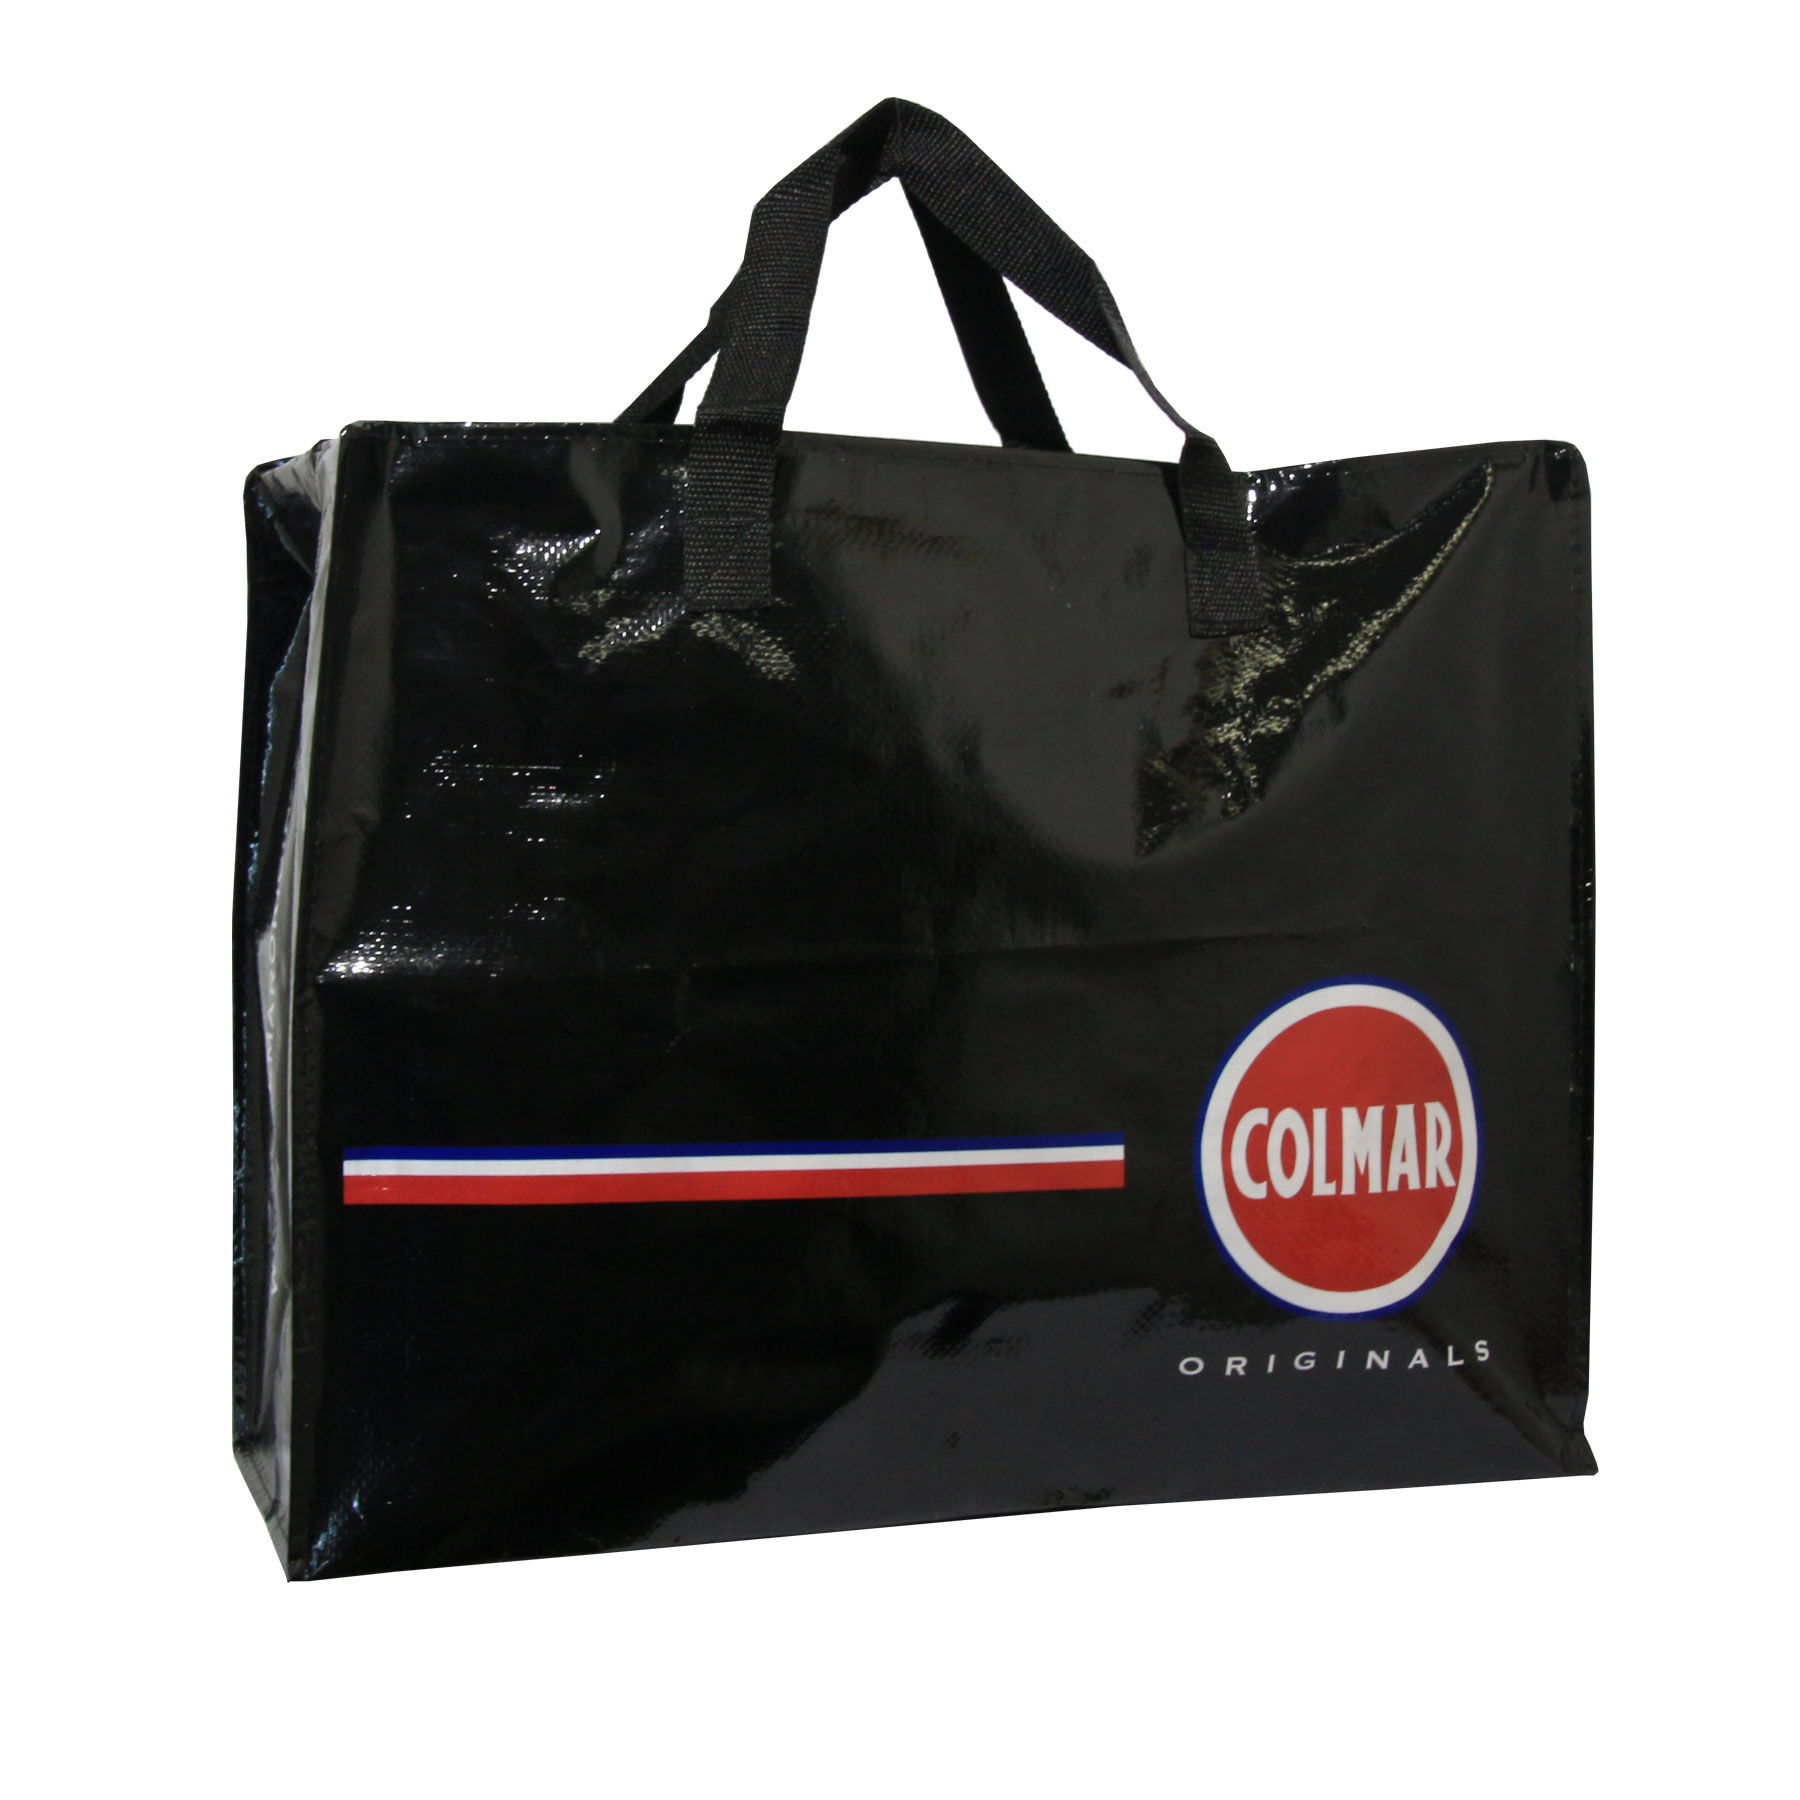 Prezzi Nuova borsa colmar originals